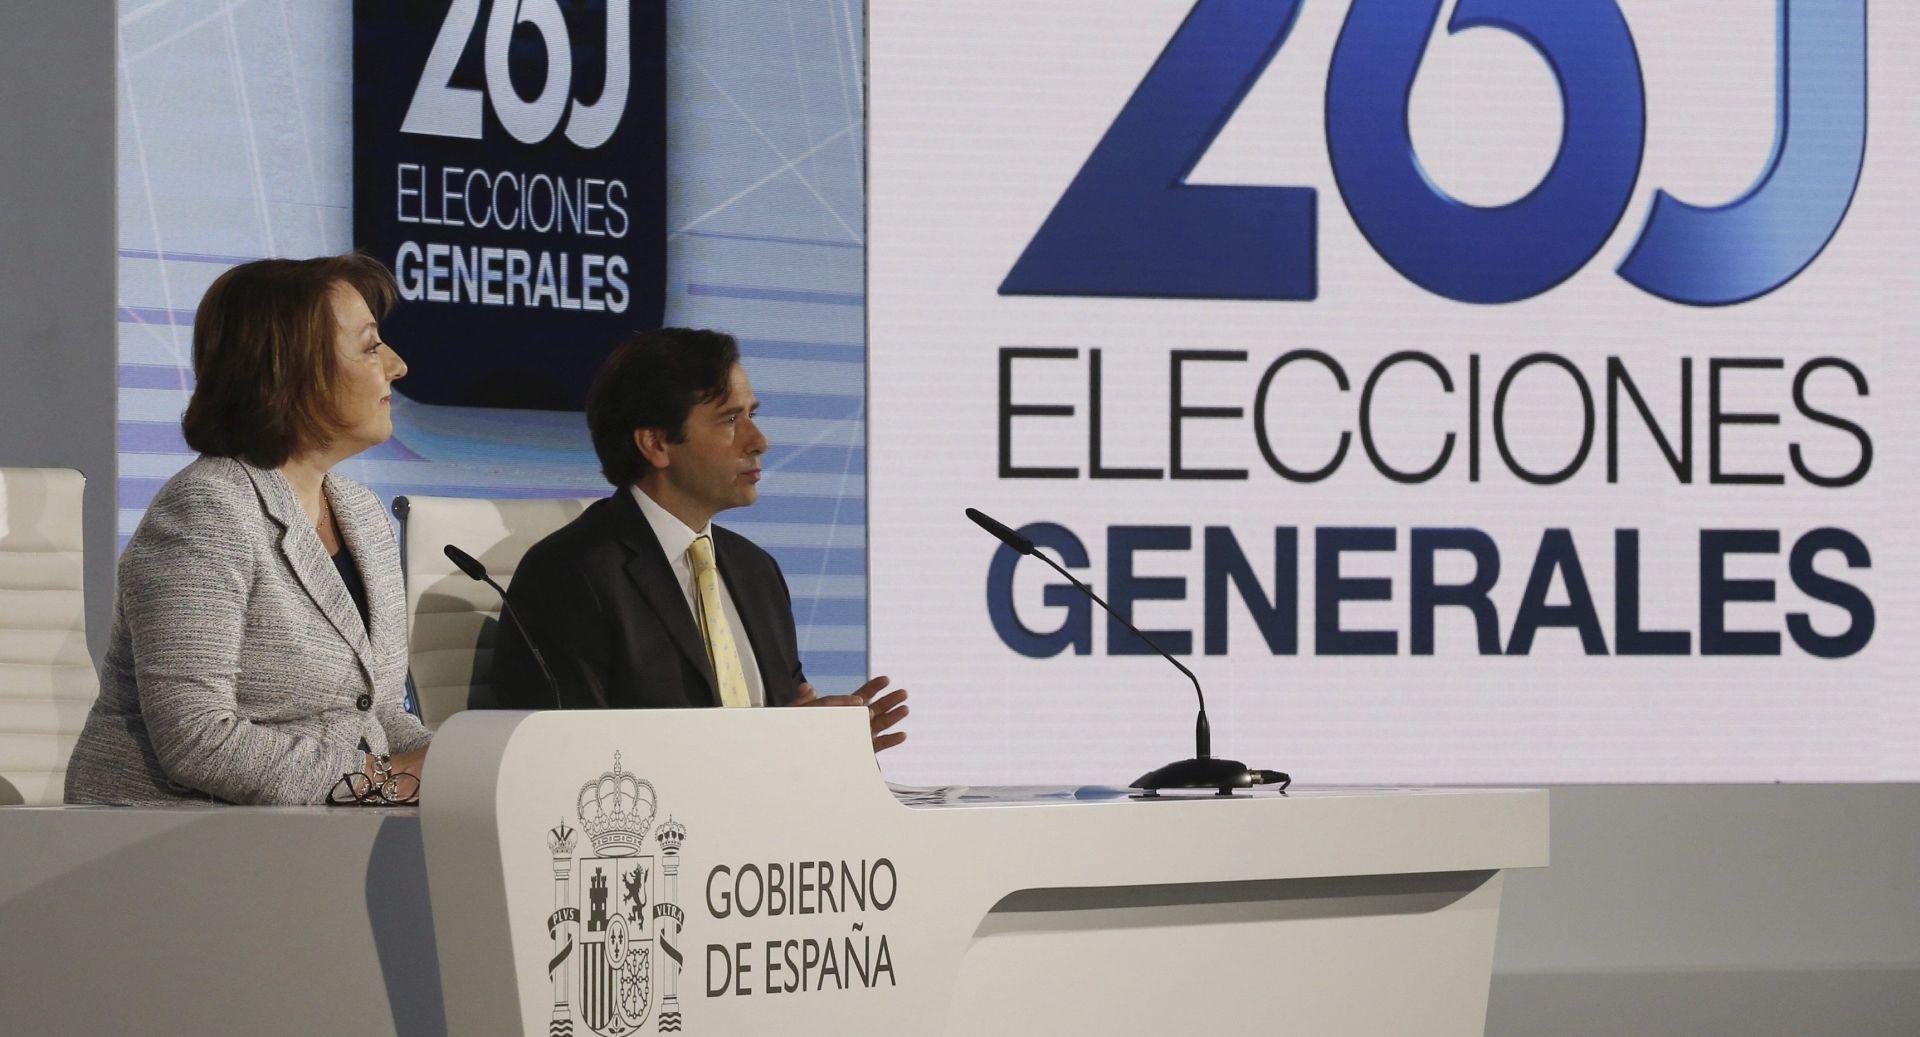 Španjolci izlaze na nove izbore, očekuju sličan ishod kao u prosincu